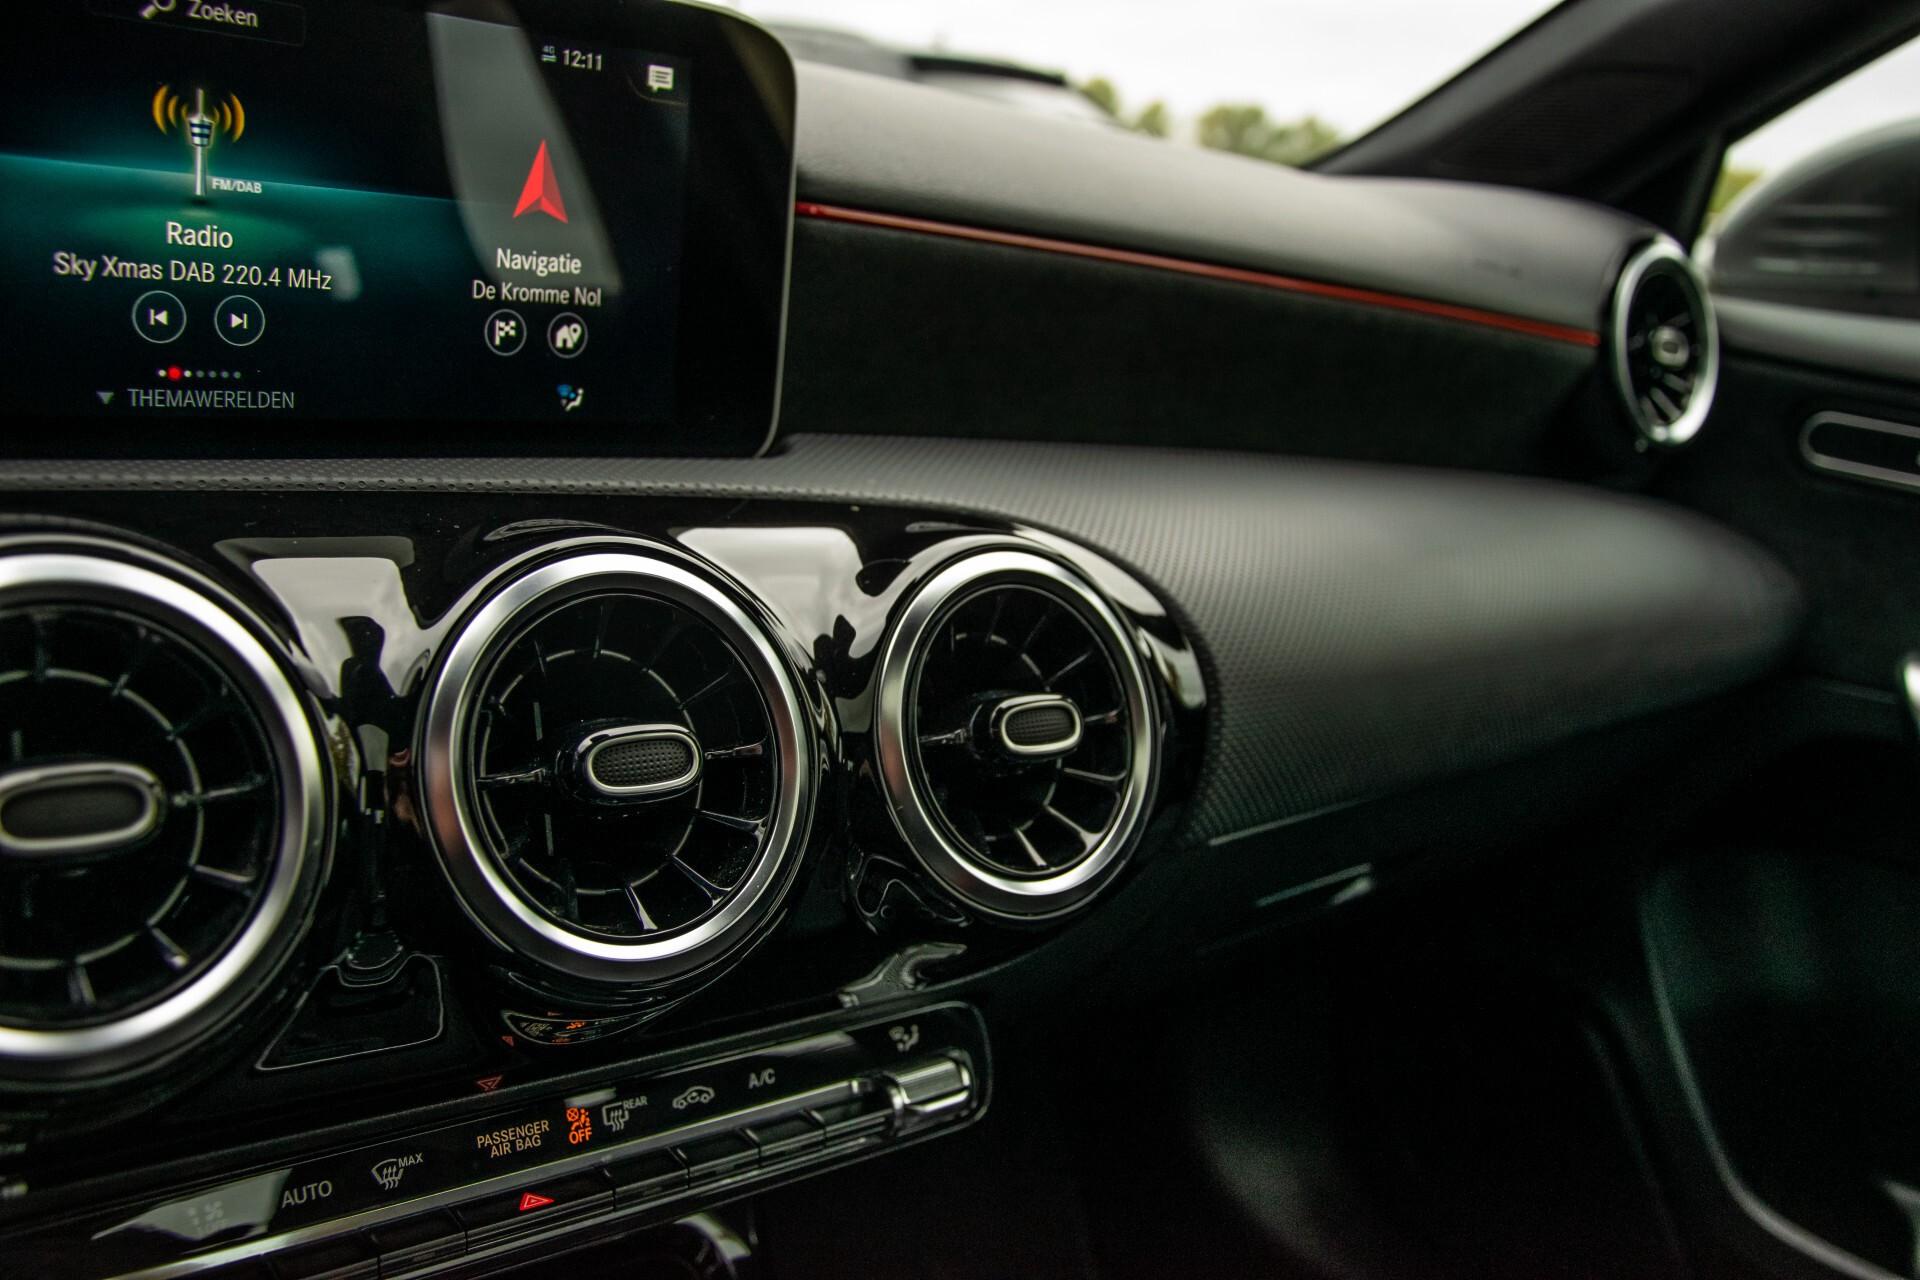 Mercedes-Benz A-Klasse 180 d AMG Panorama/MBUX/DAB/LED Aut7 Foto 26